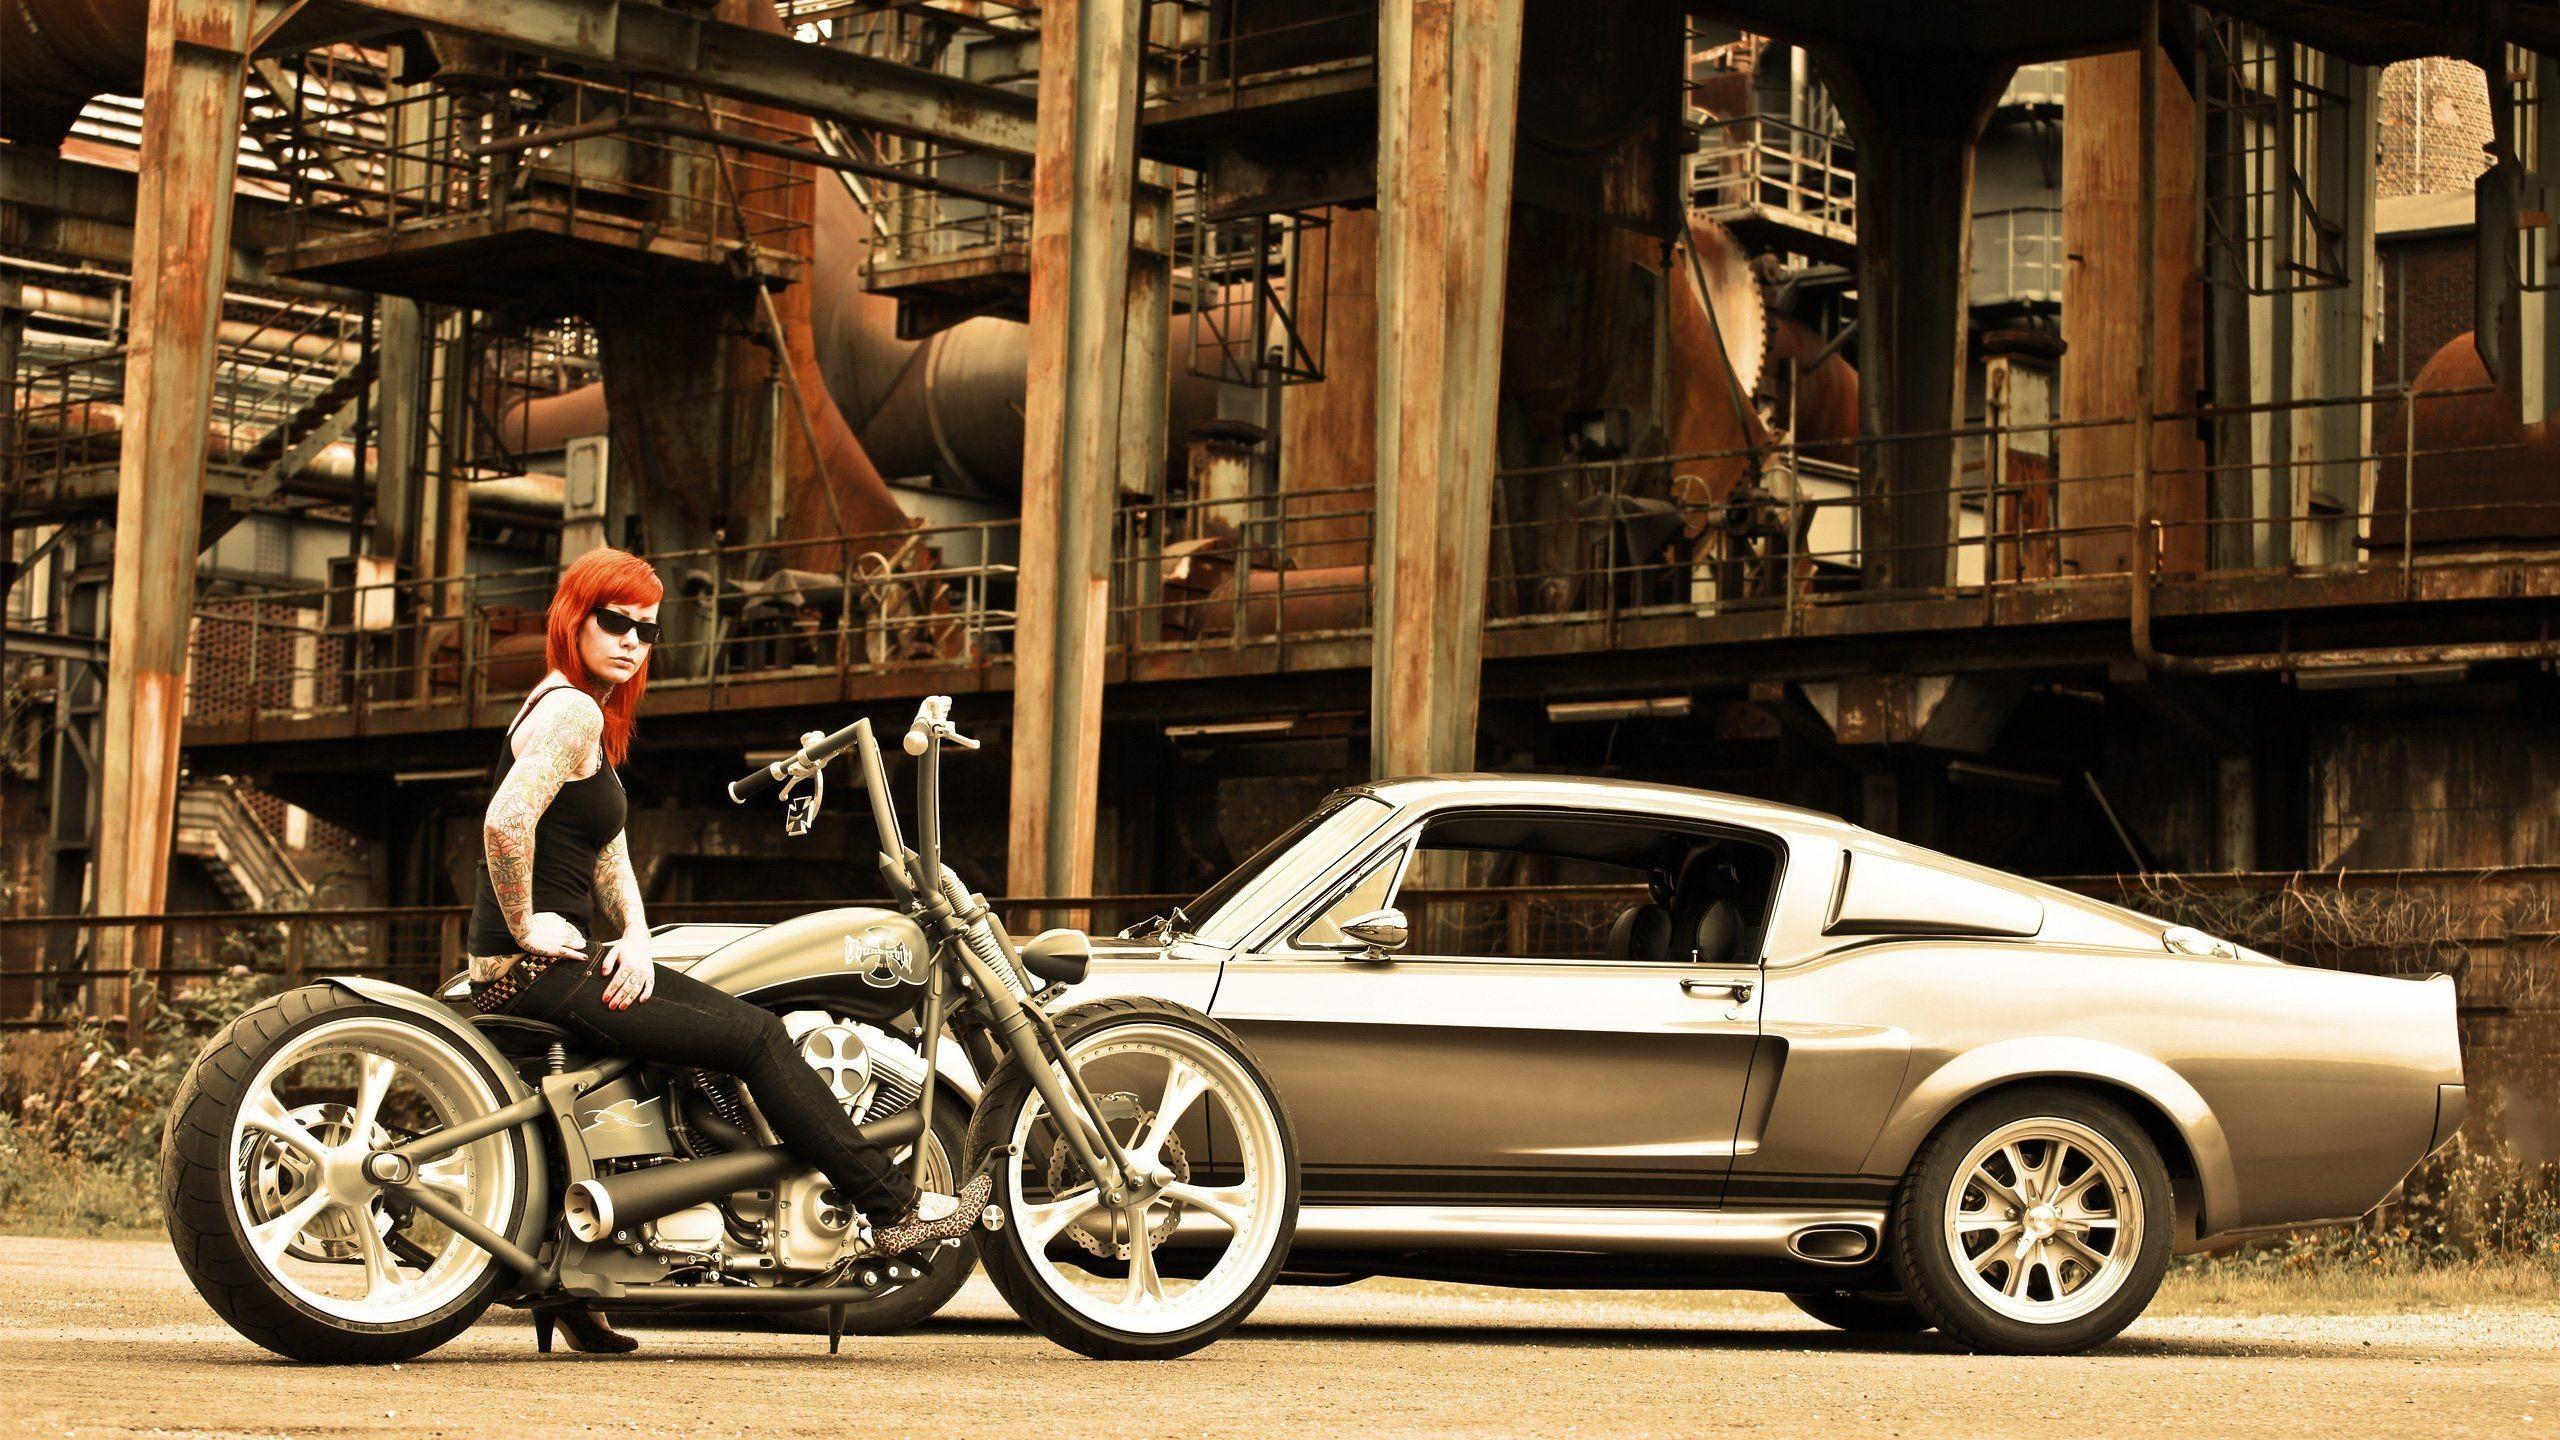 Bobber Cafe Racer Harley Davidson Hd Wallpaper 1080p: HD Bobber Wallpaper (69+ Images